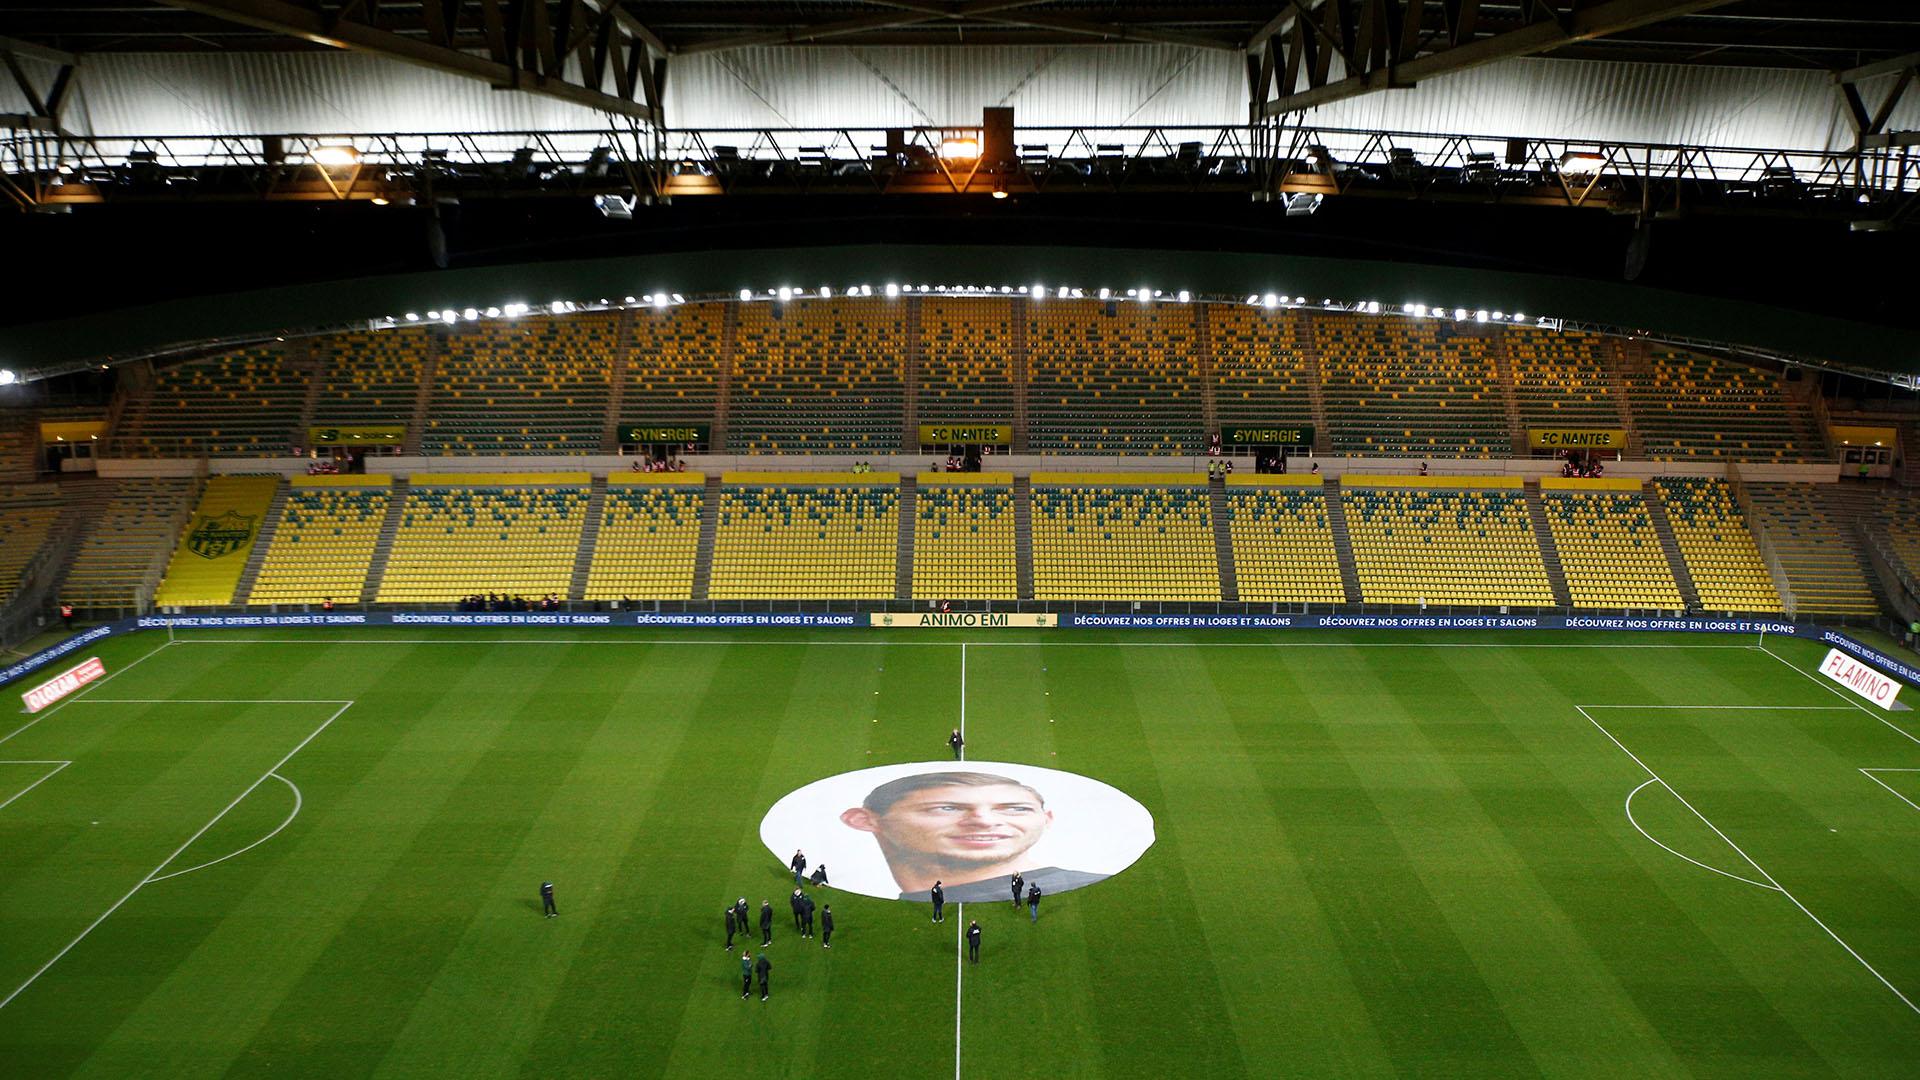 En el centro del campo de juego se colocó una imagen gigante de Sala